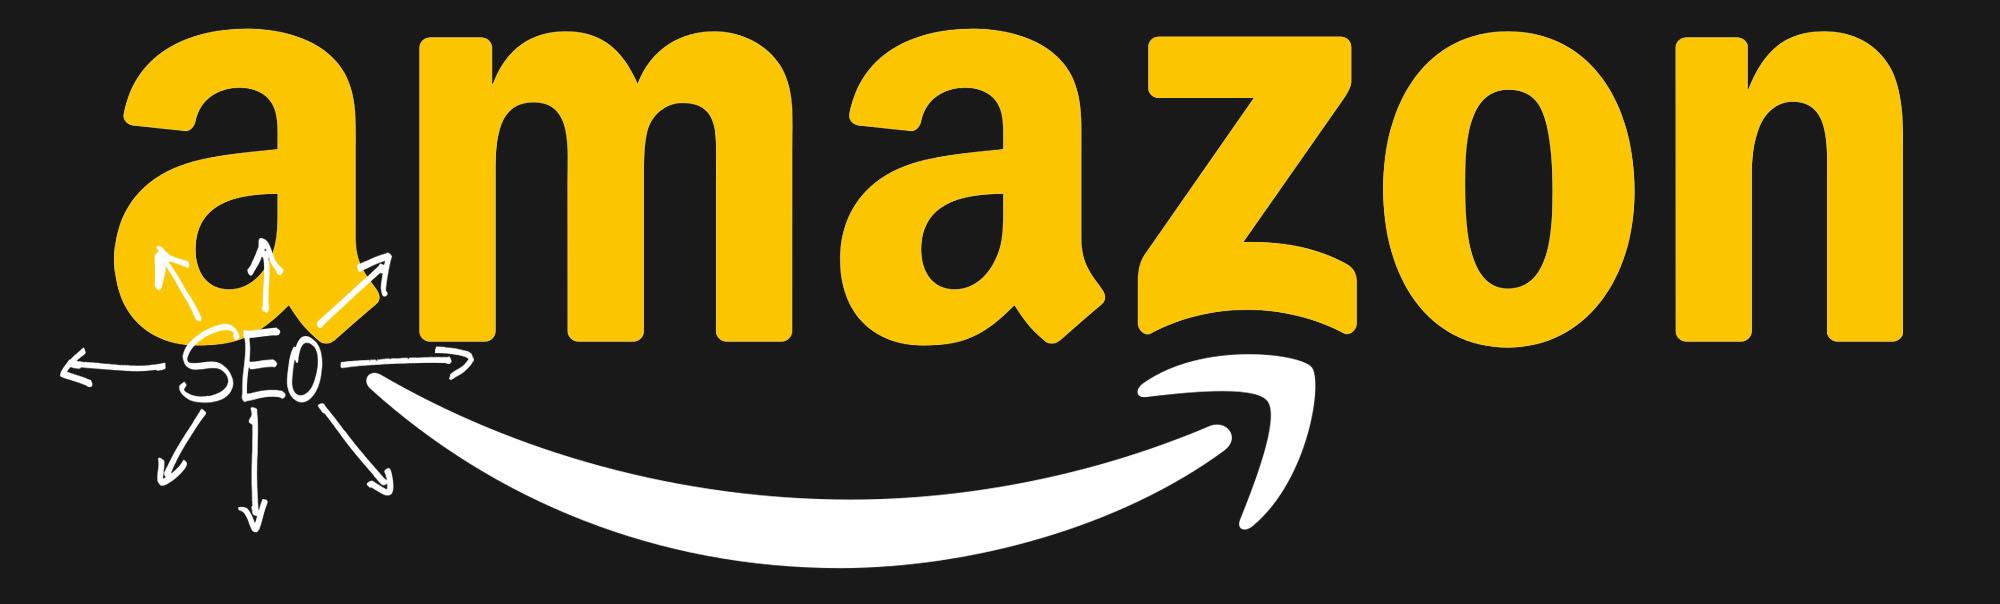 ¿Cómo posicionar mis productos en Amazon?